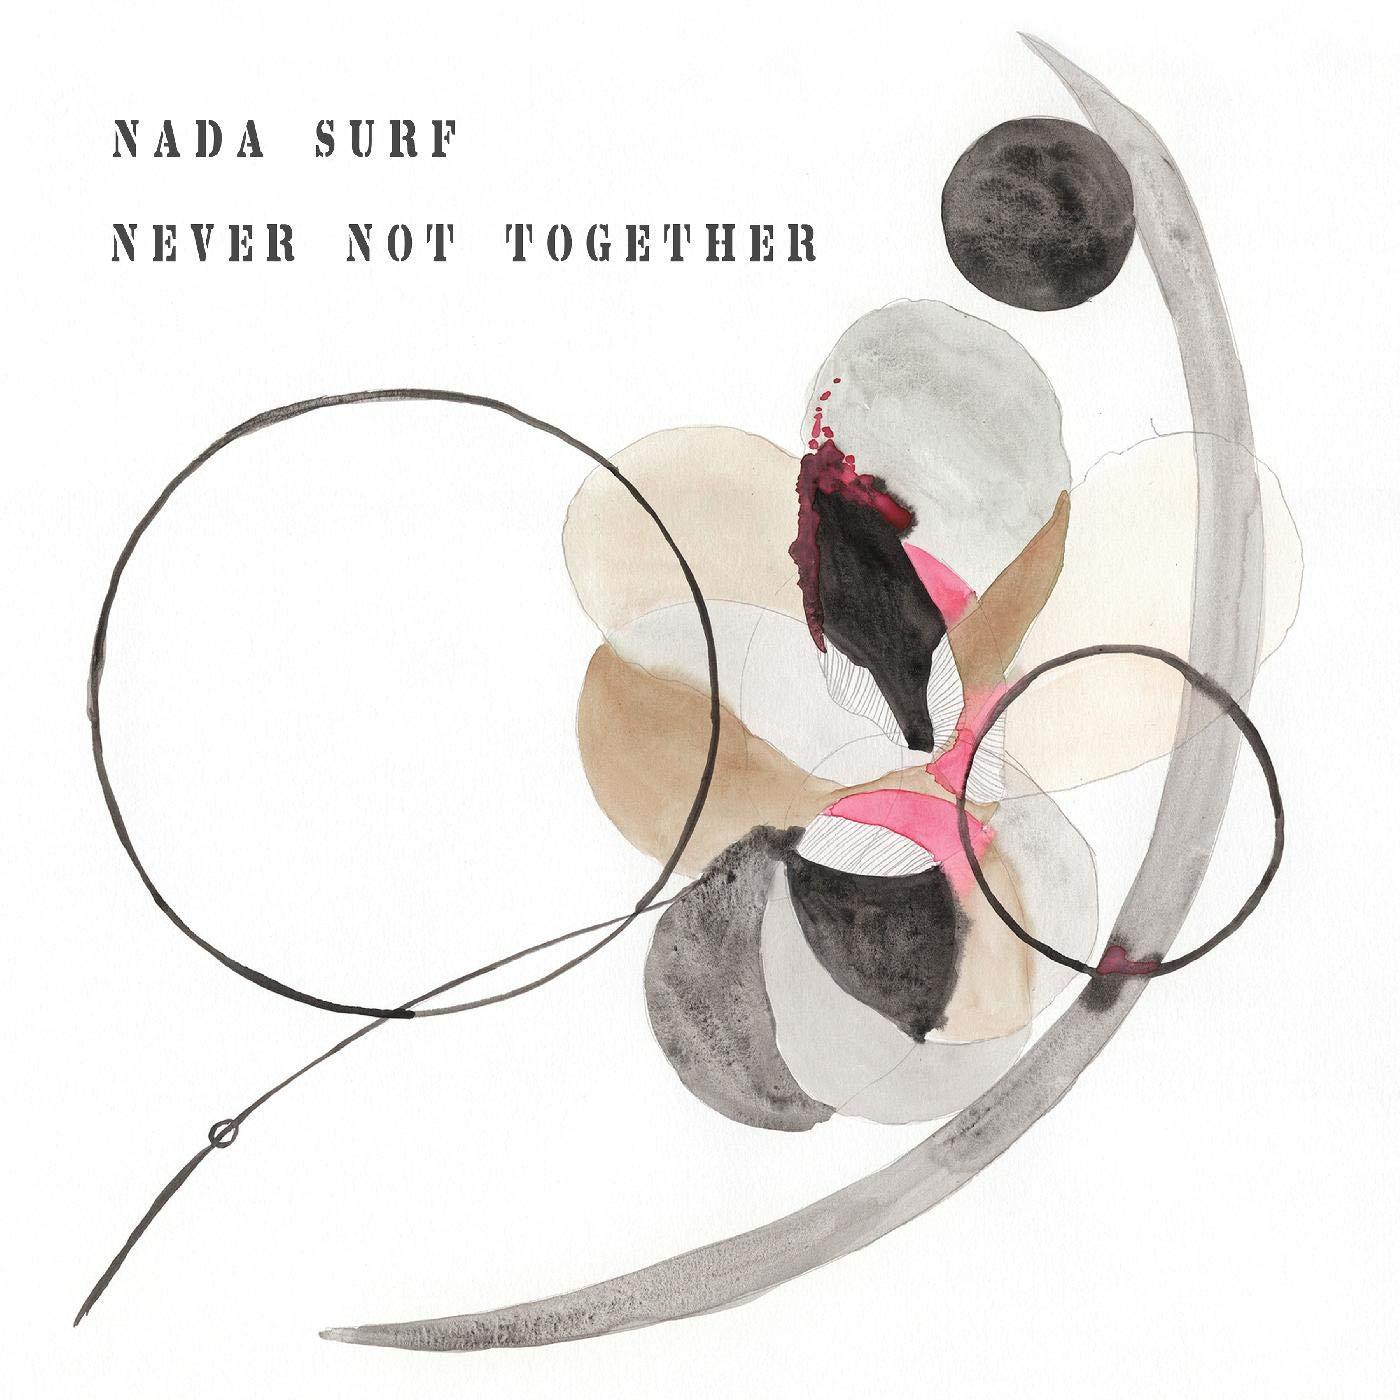 nada surf, never not together